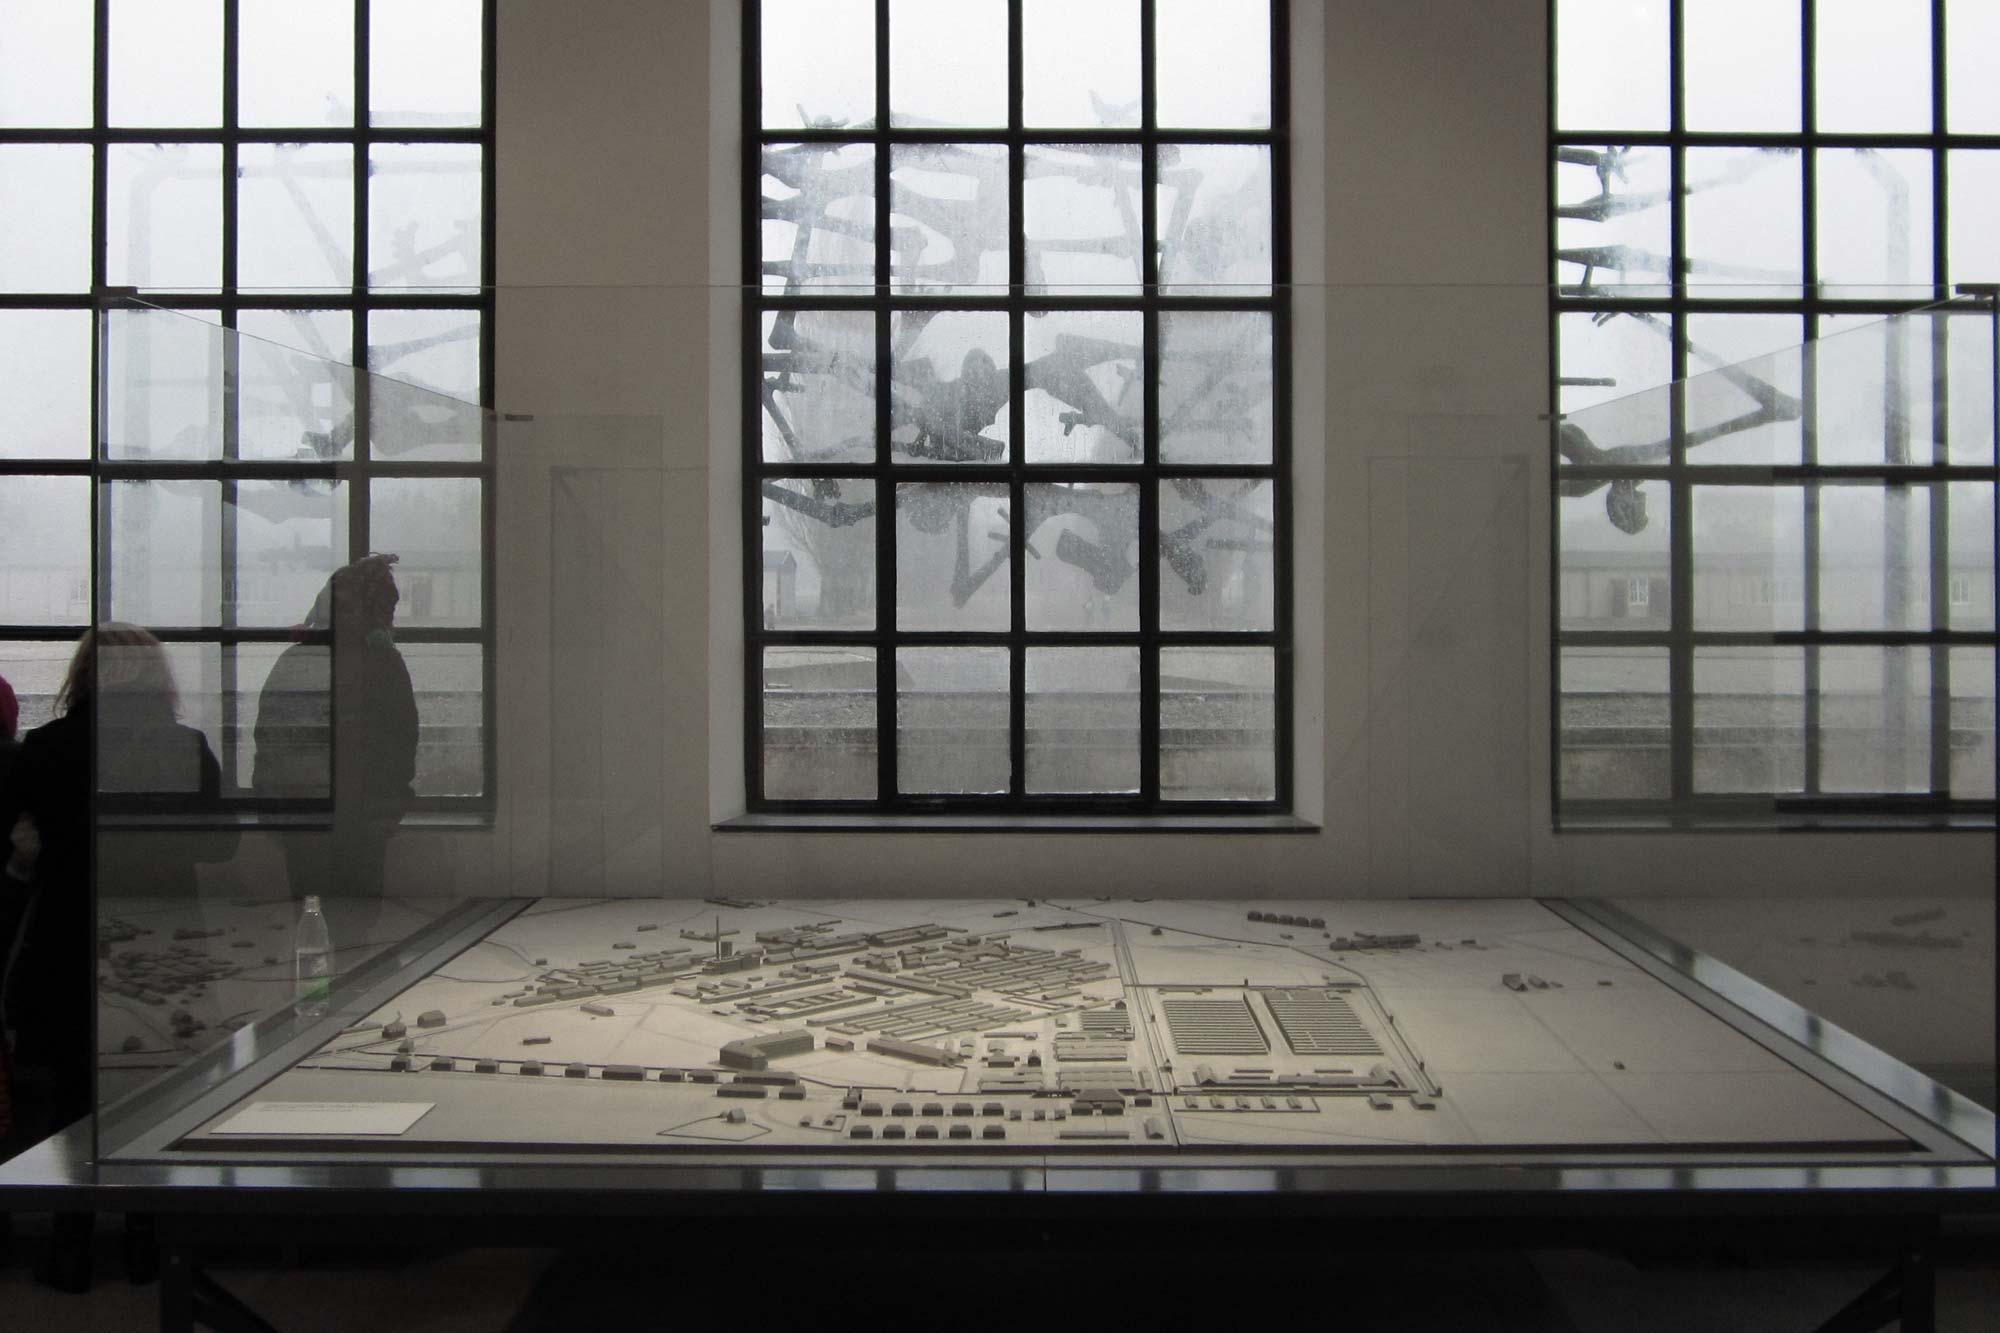 Das Modell steht mit Blick auf den Appellplatz und die Lagerstraße